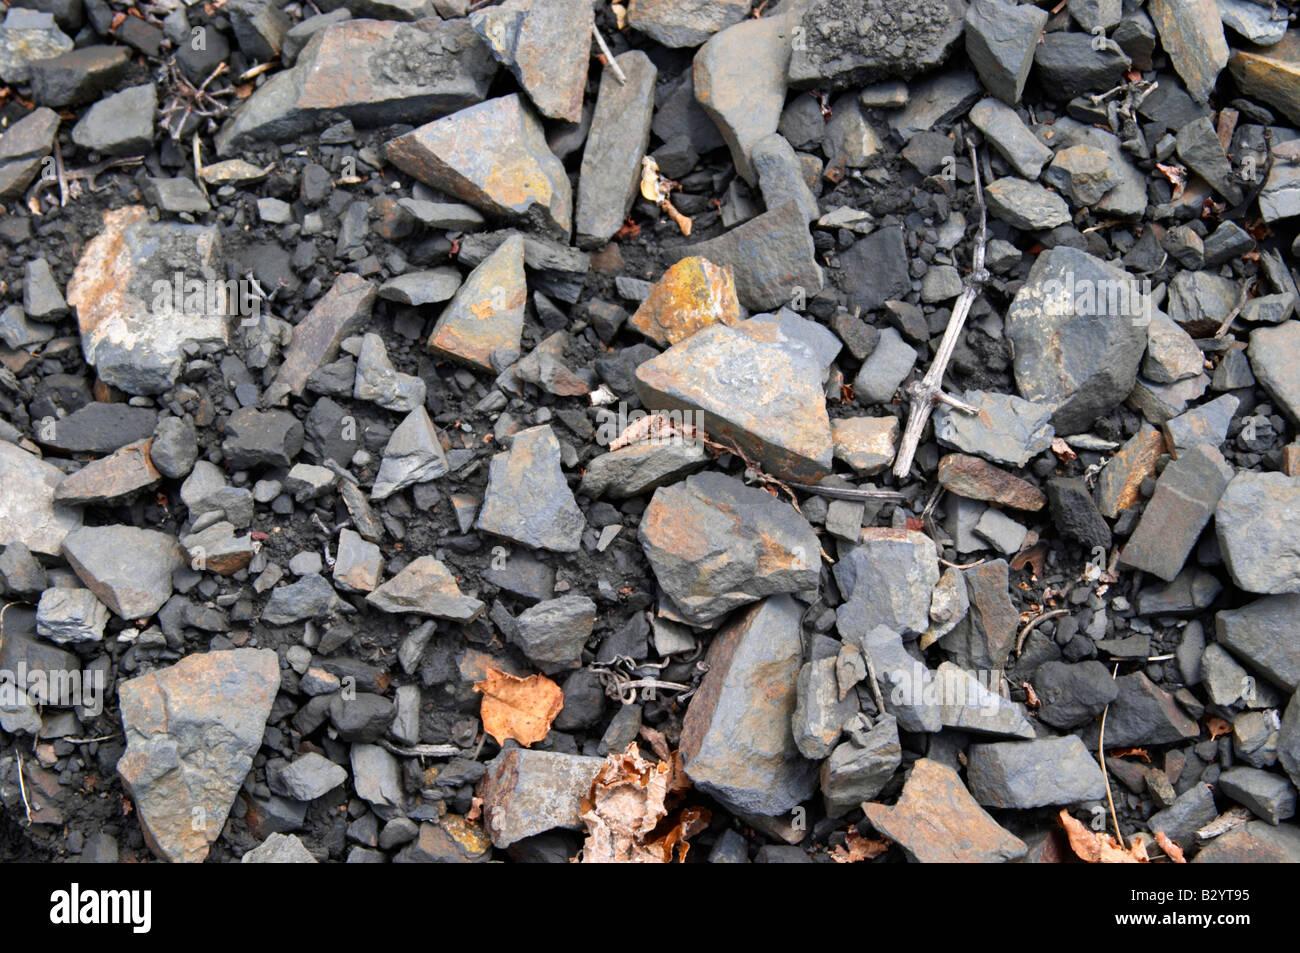 Détail du sol. L'ardoise. Les sols noirs. Appelé Terres Brulees, brûlé le sol. Domaine Piquemal, espira de l'Agly, Banque D'Images